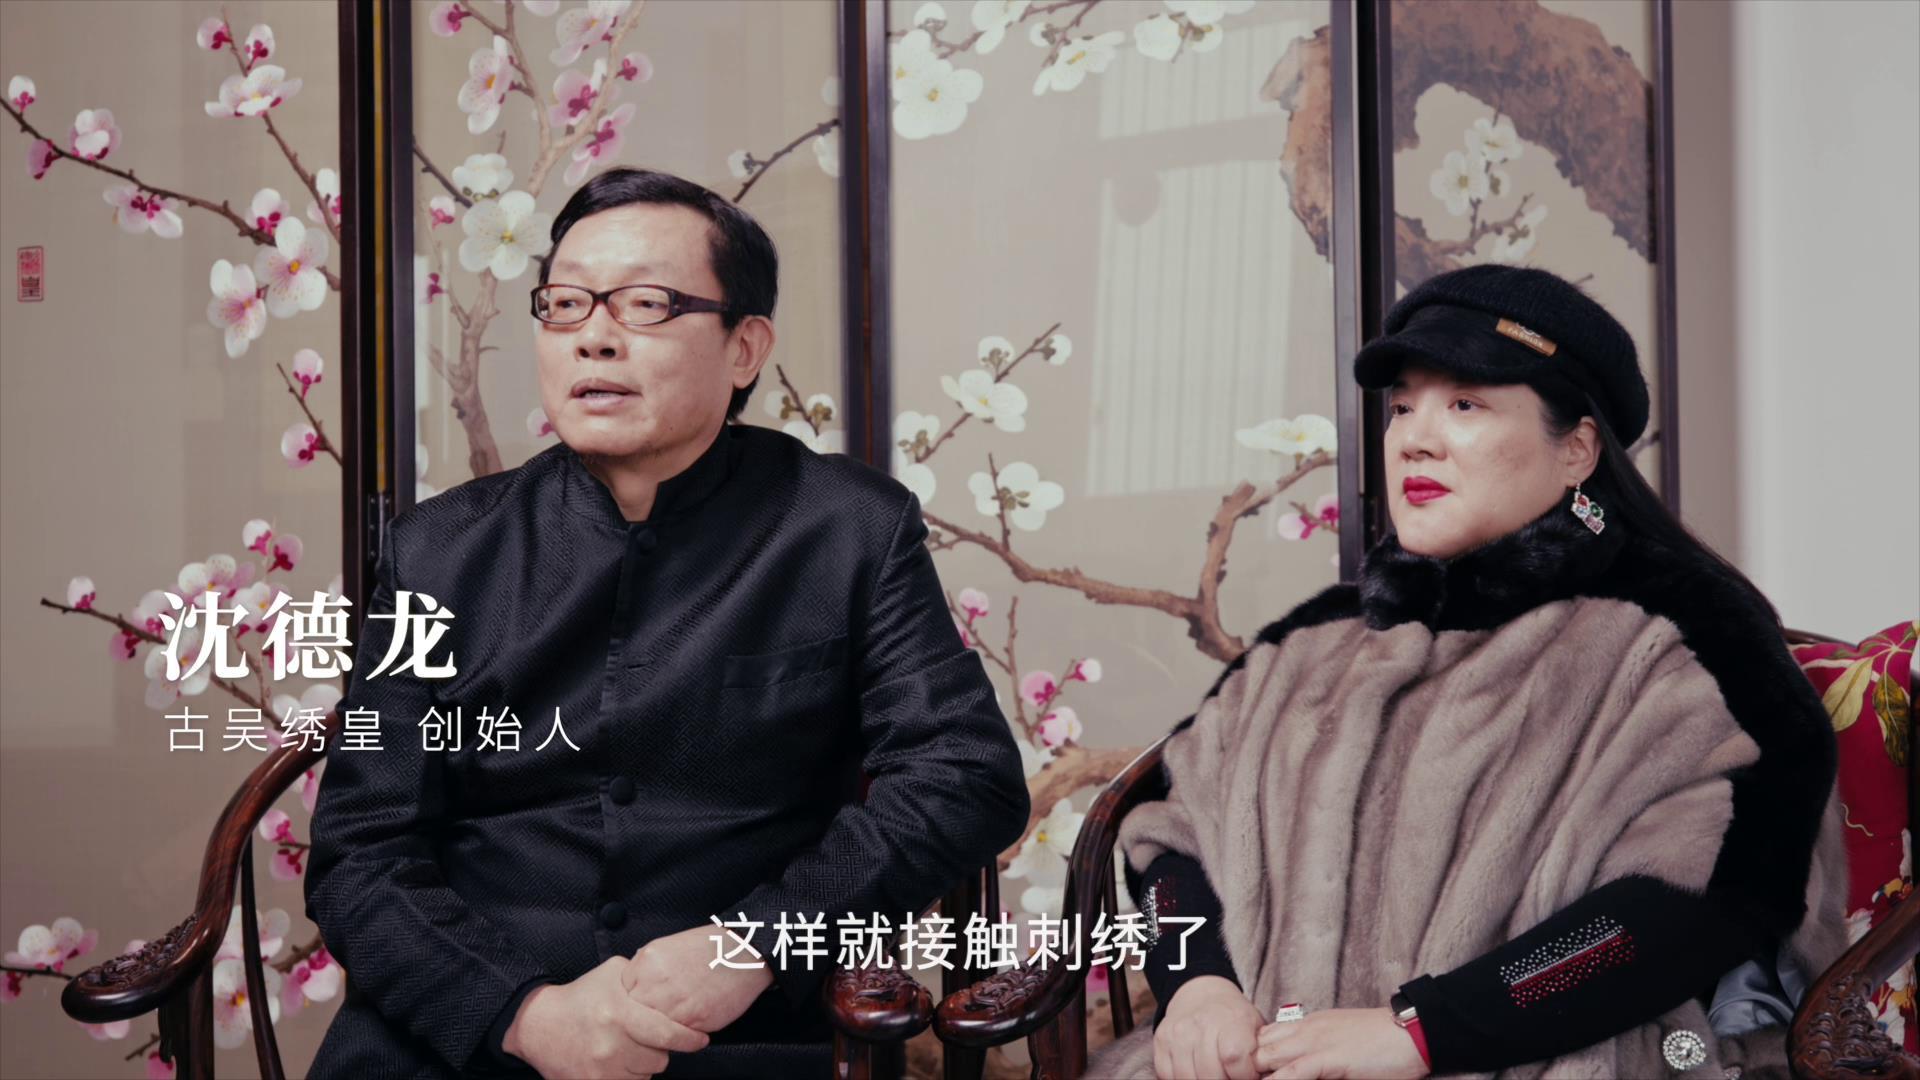 圆梦苏州·因绣结缘图片